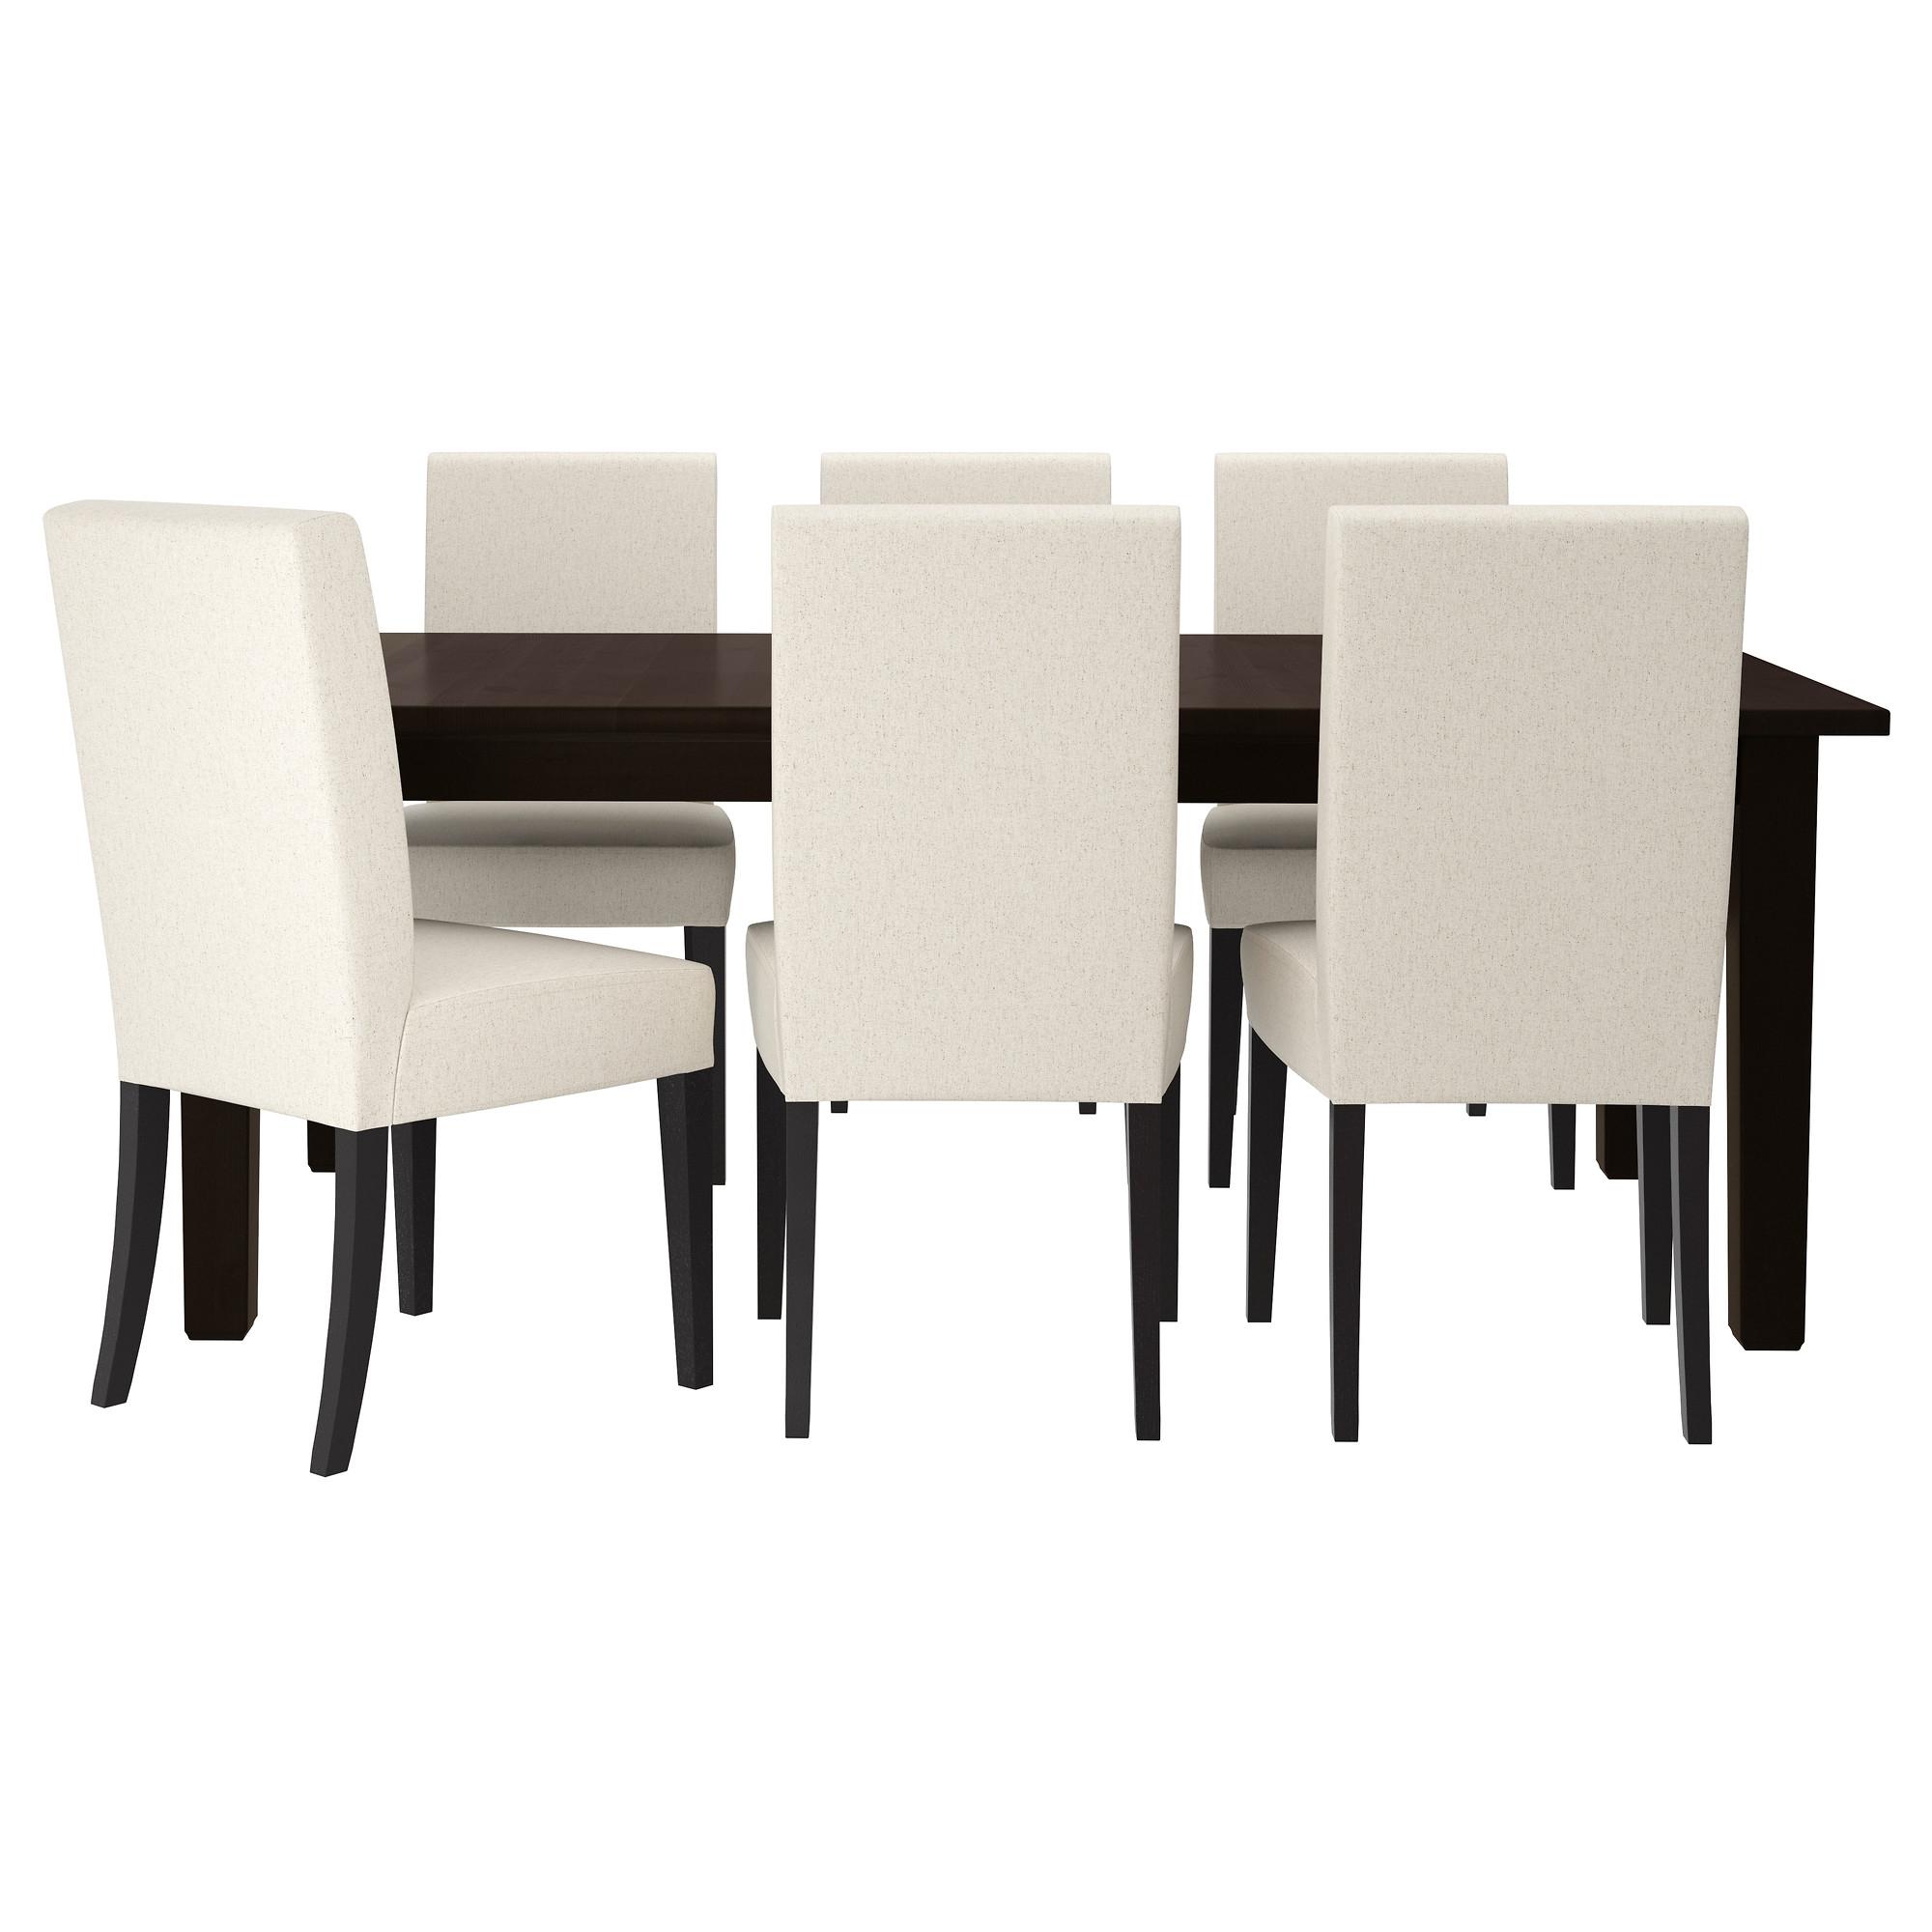 STORN S mesa con 6 sillas